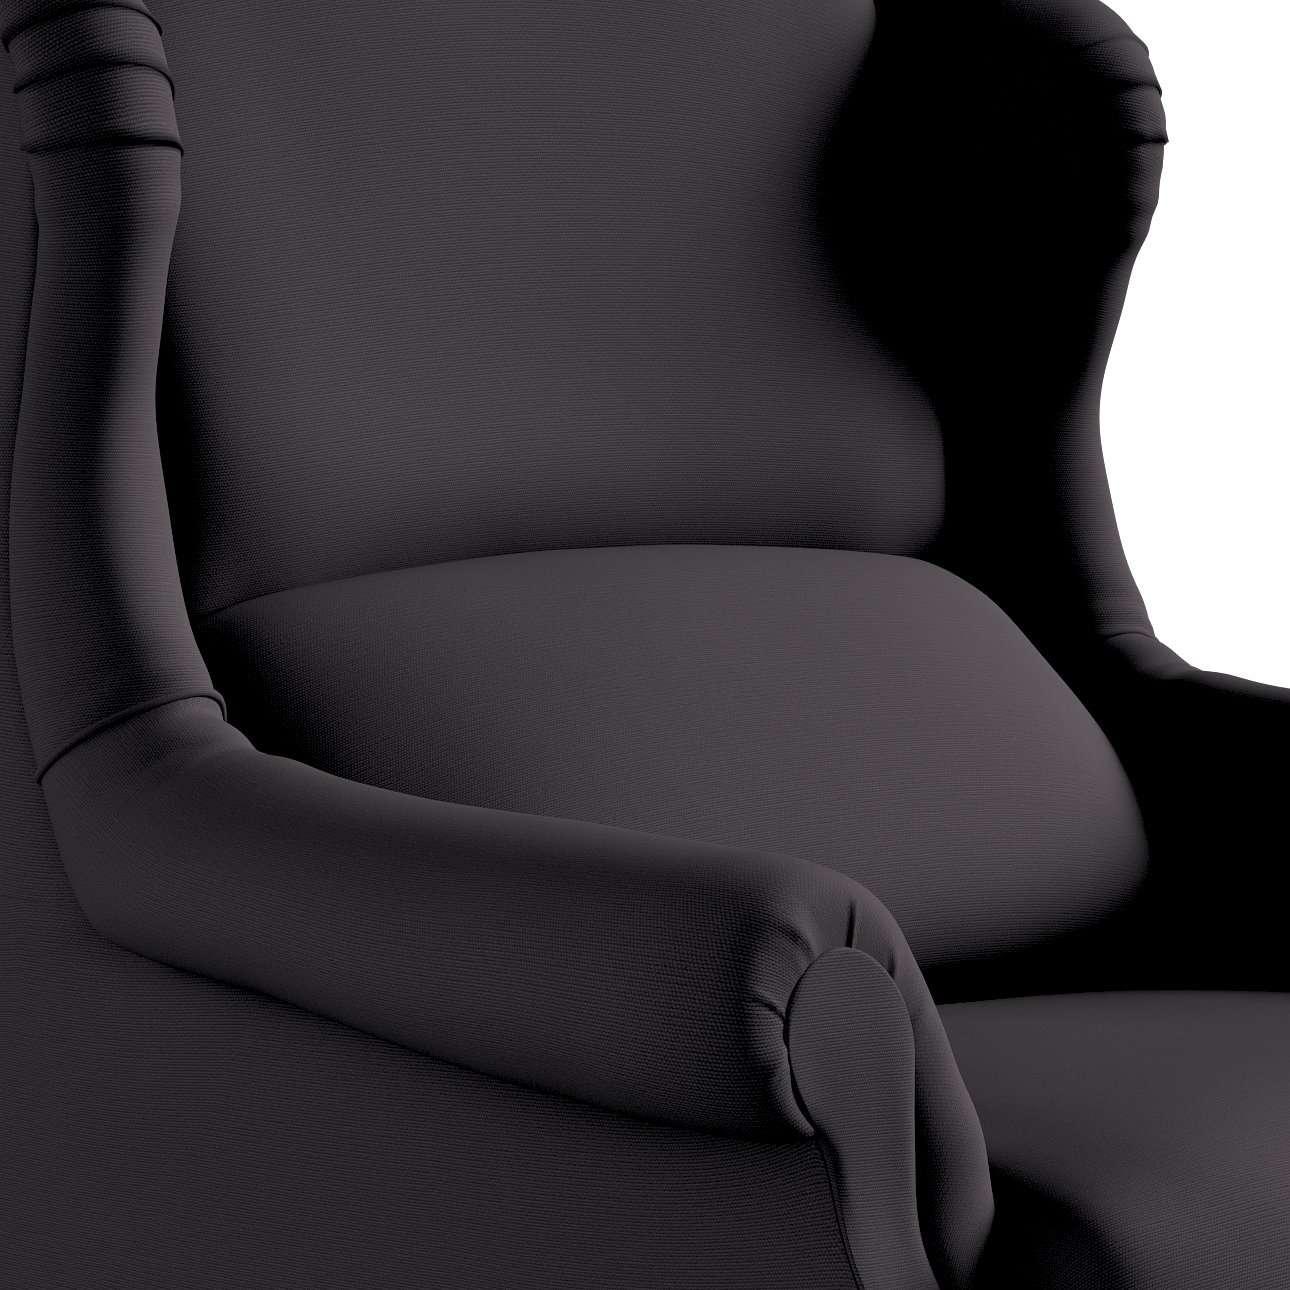 Sessel 63 x 115 cm von der Kollektion Cotton Panama, Stoff: 702-09